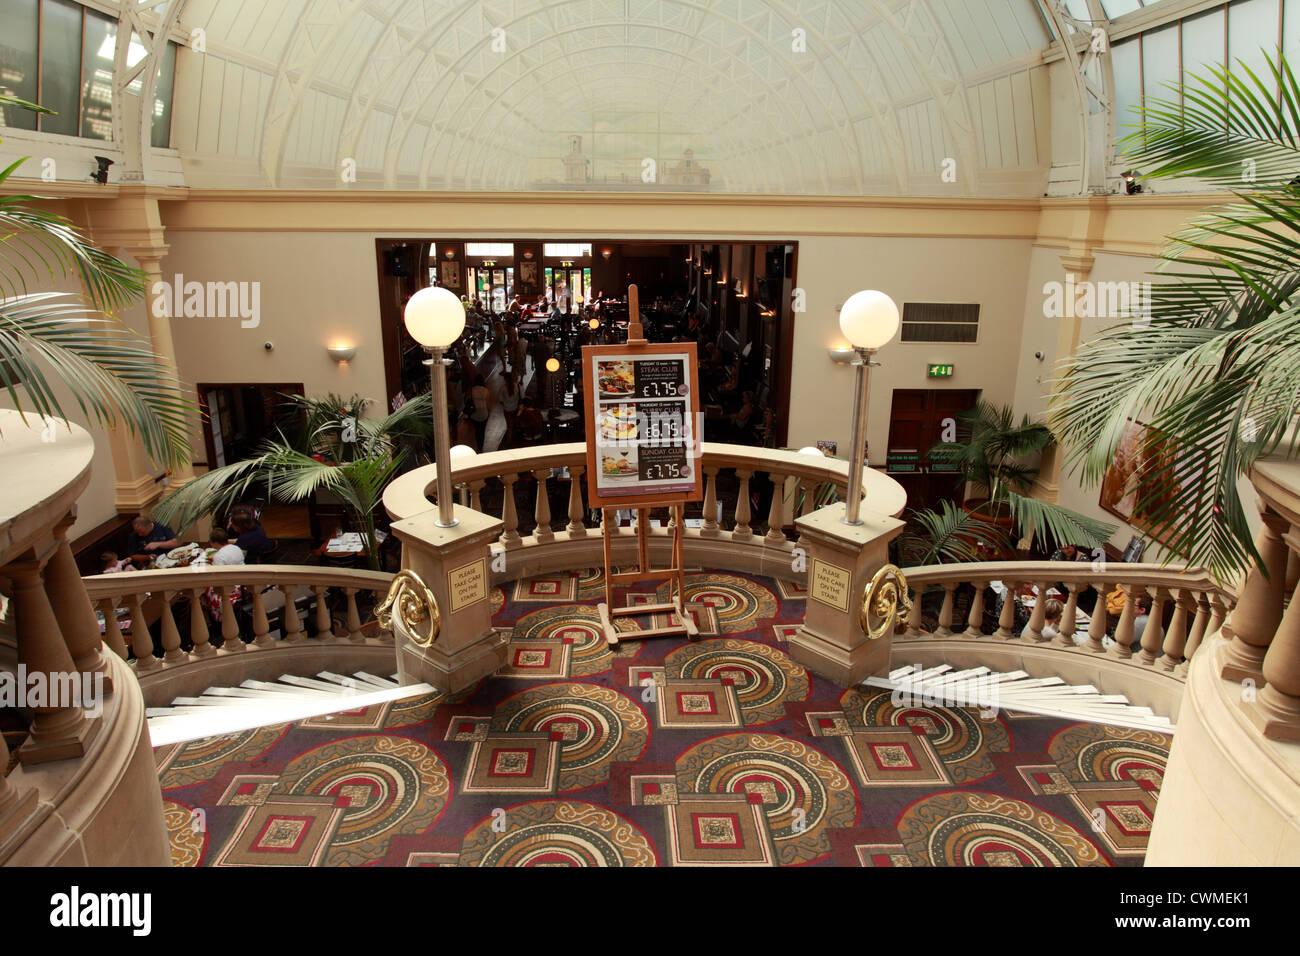 Pub Gardens Stock Photos & Pub Gardens Stock Images - Alamy